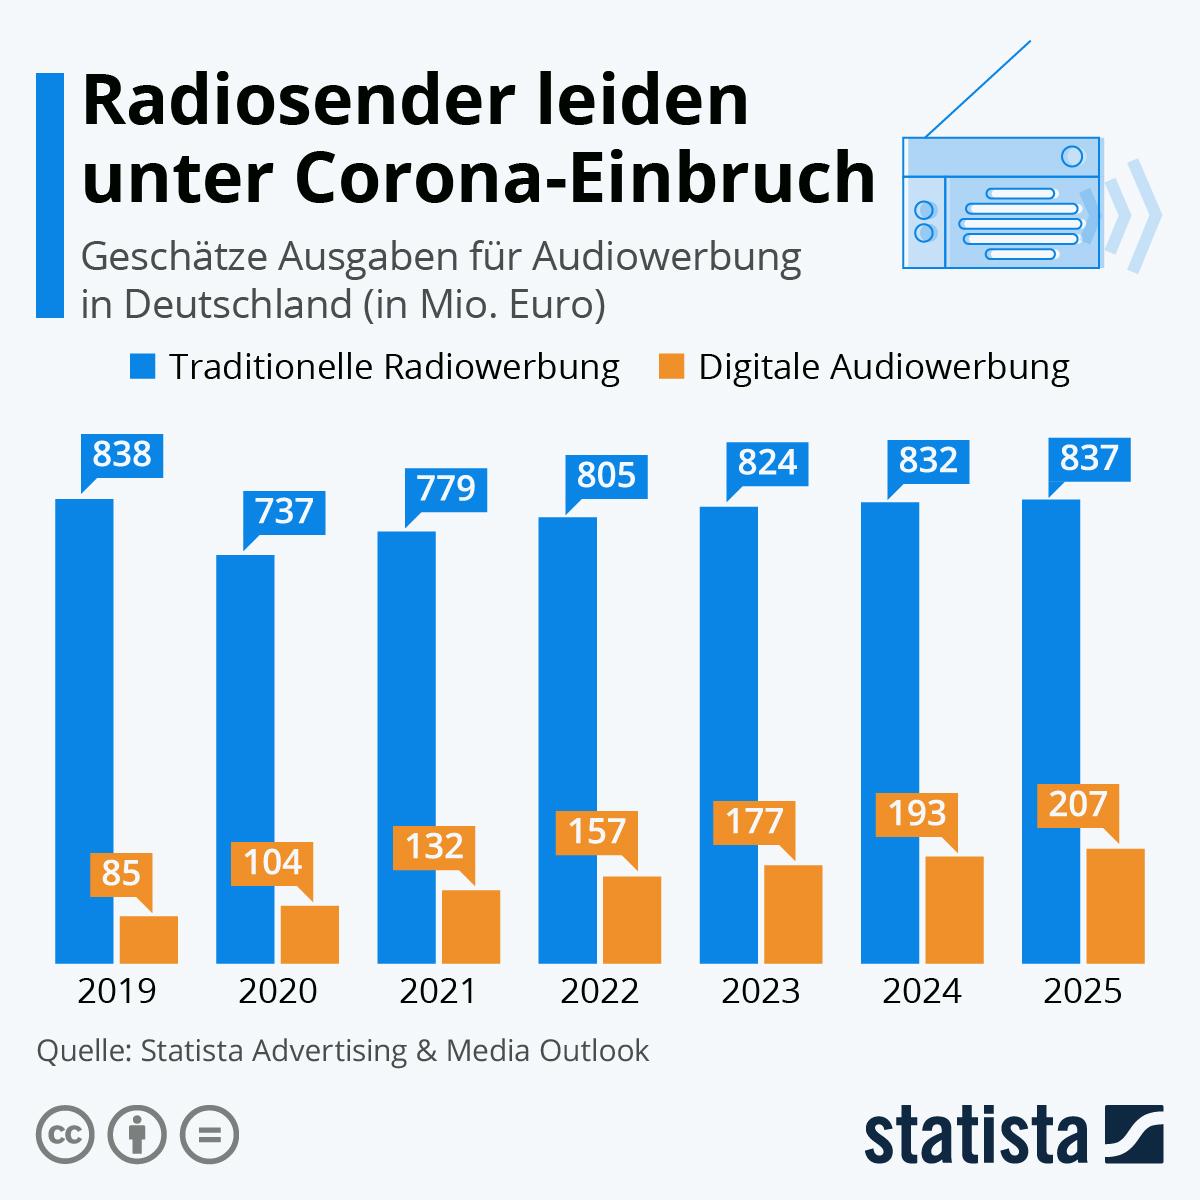 Radiosender-leiden-unter-Corona-Einbruch